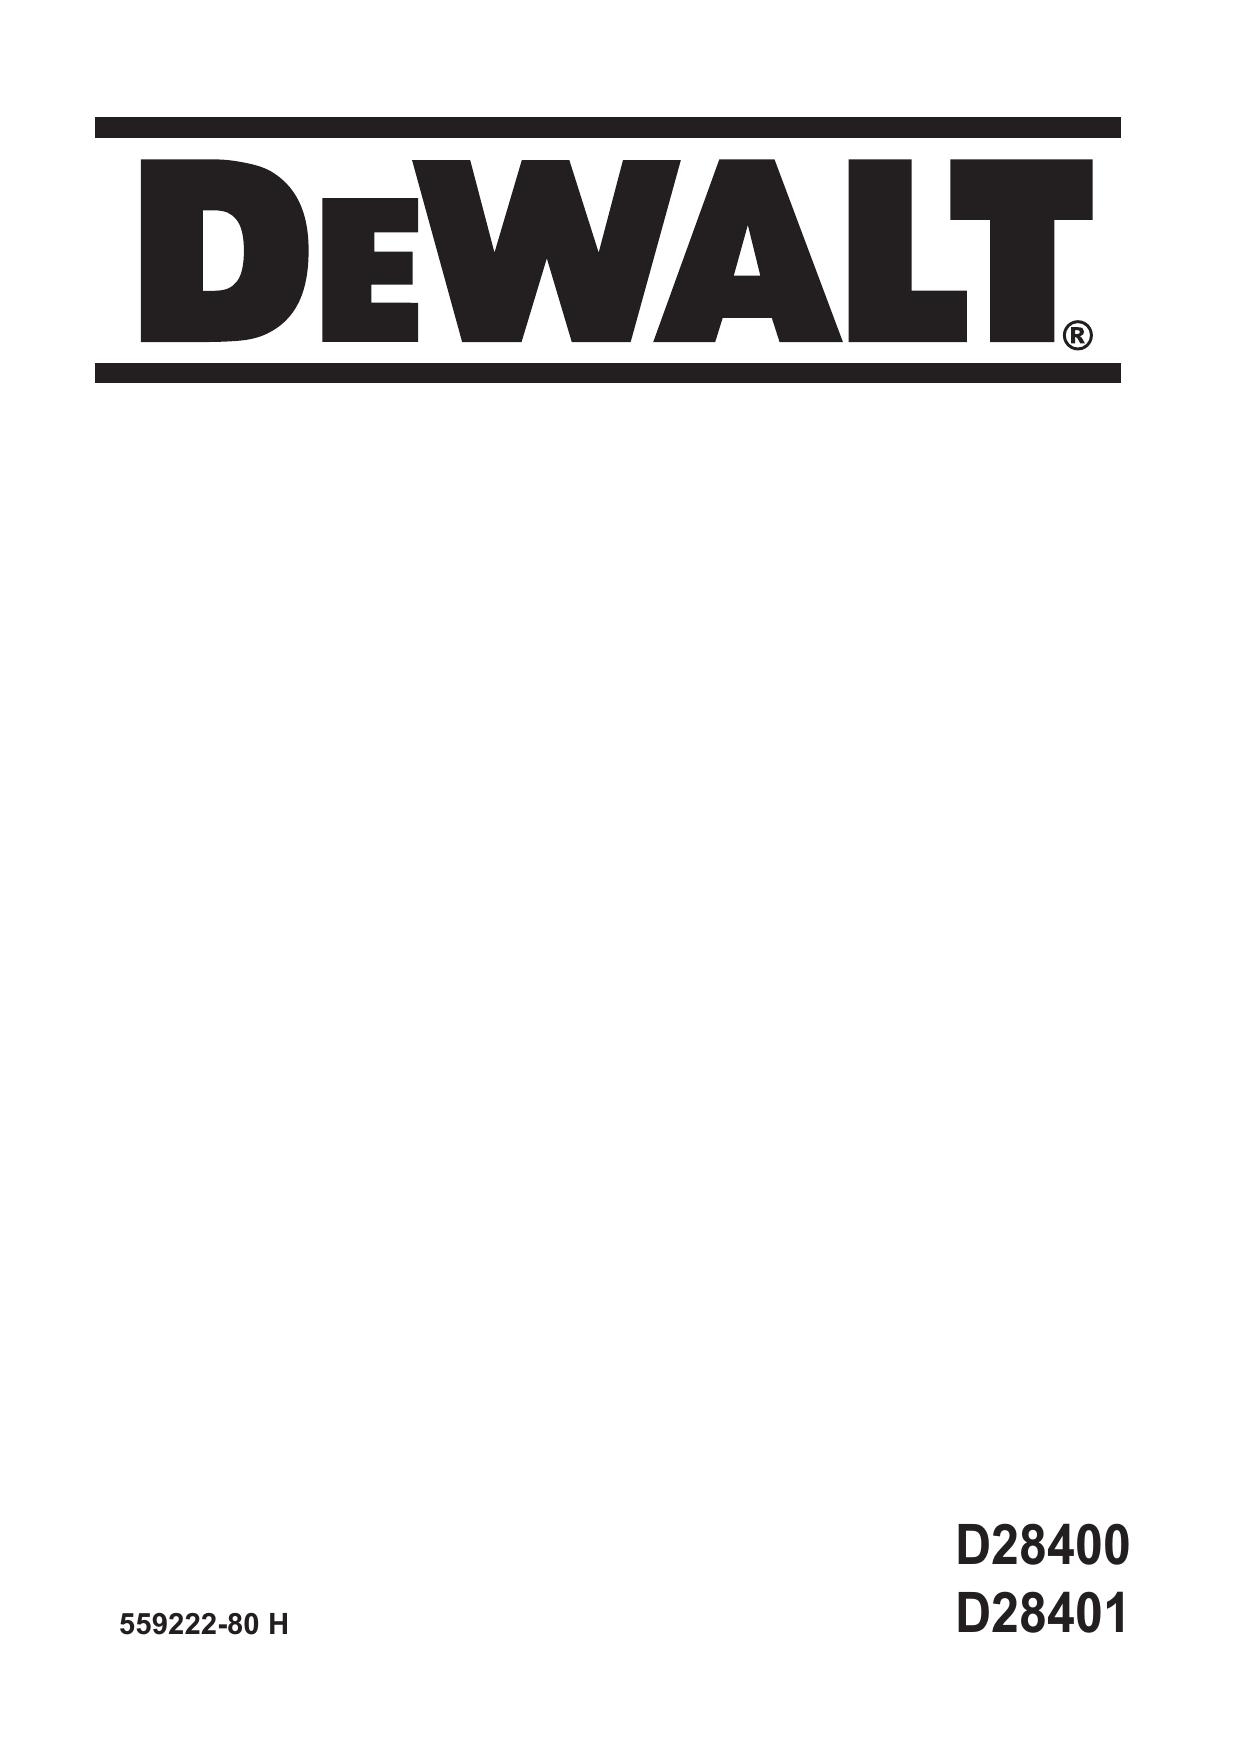 DeWalt D28400 ANGLE GRINDER Type 2 instruction manual